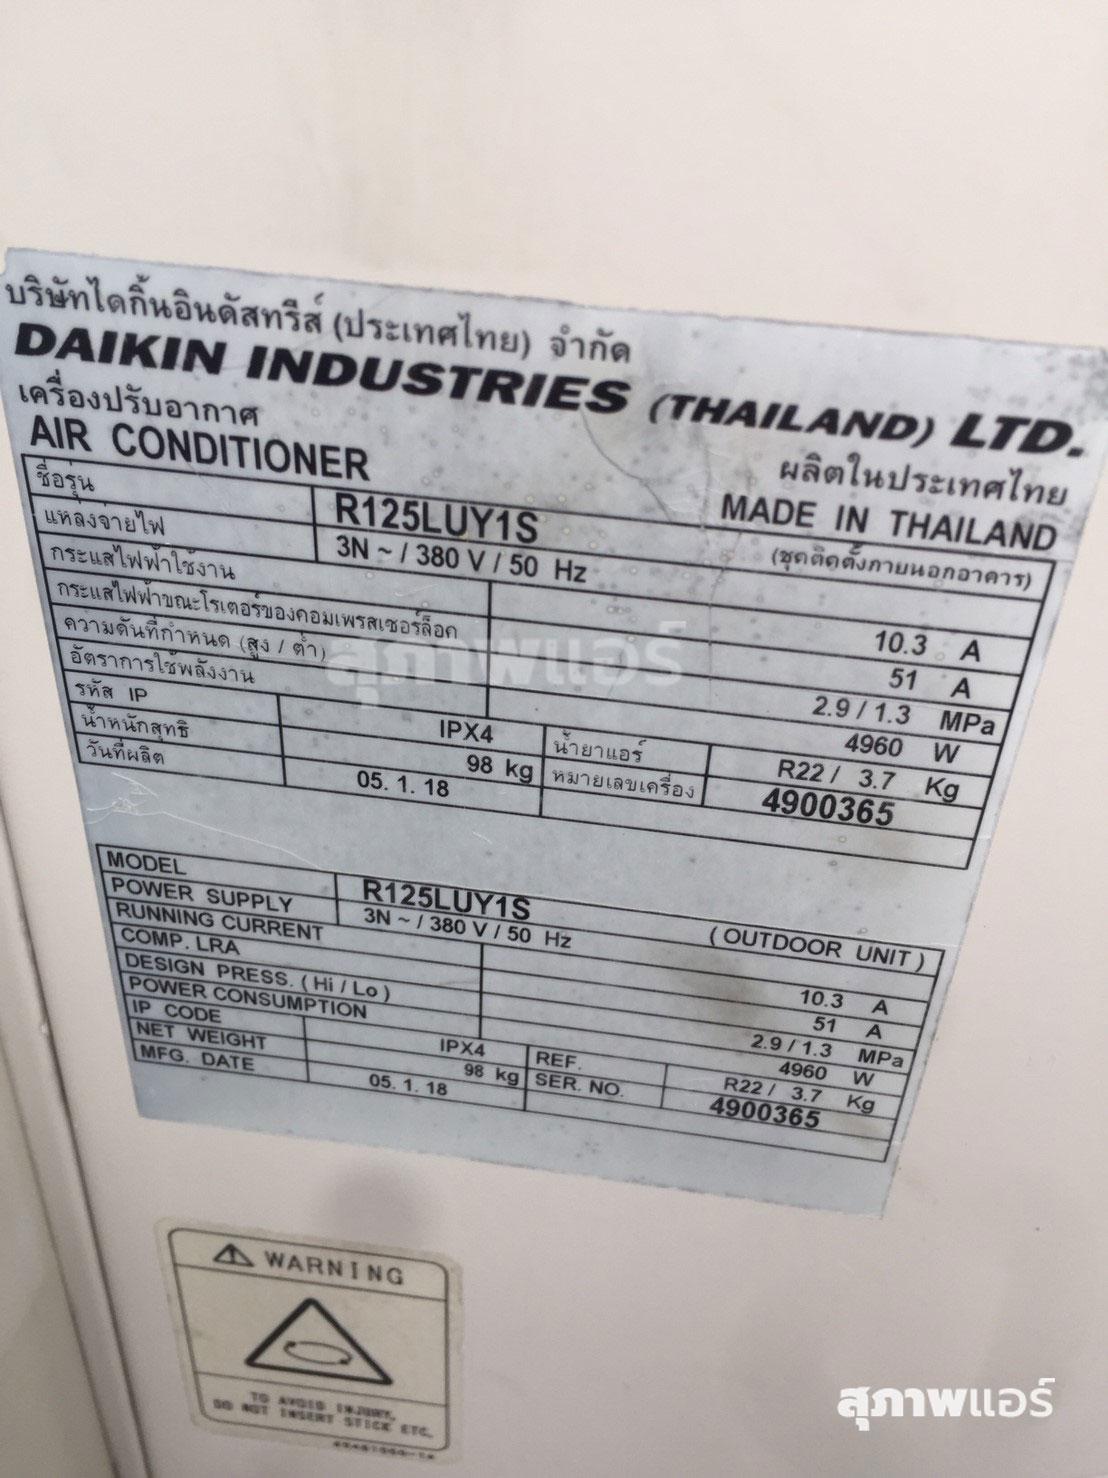 แอร์แพคเกจ Daikin แบบตู้ตั้งพื้นมือสอง 48000 BTU